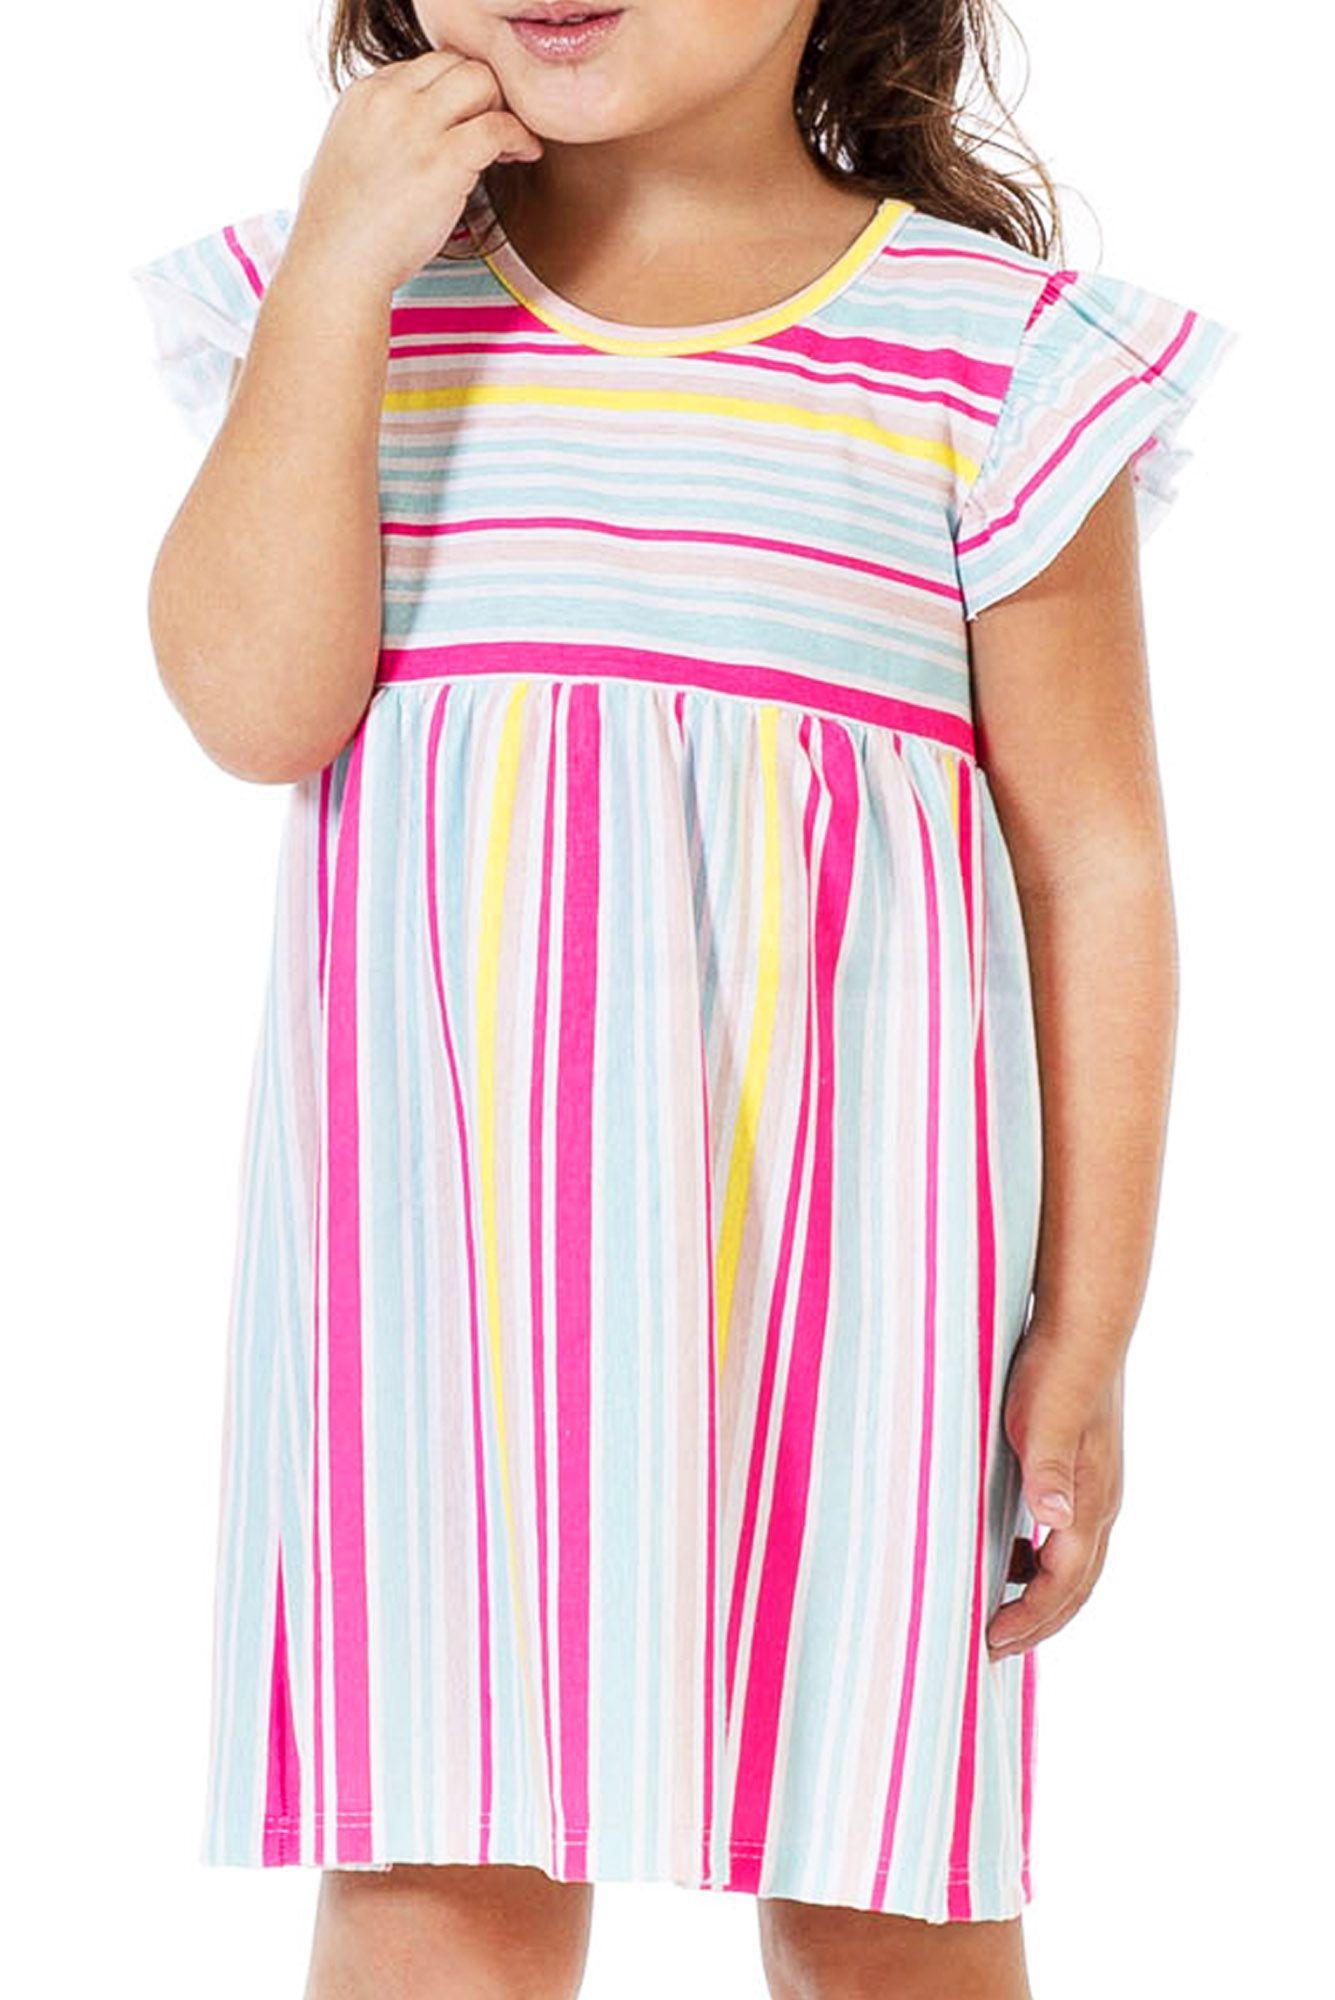 Vestido Infantil Listrado Neon